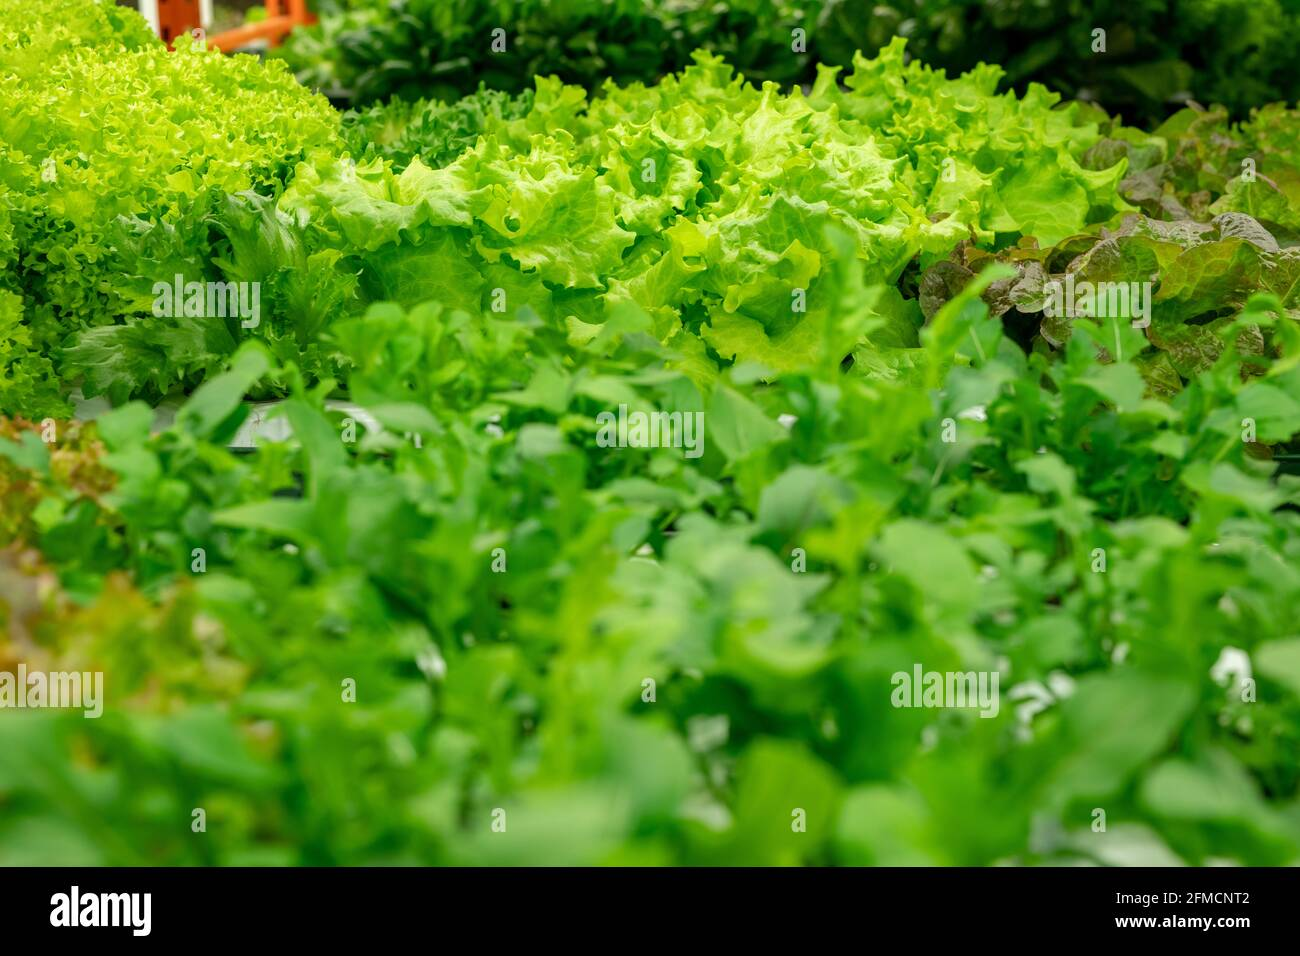 Gros plan de vert bouclés encroissent avec une autre sorte de verts en serre Banque D'Images